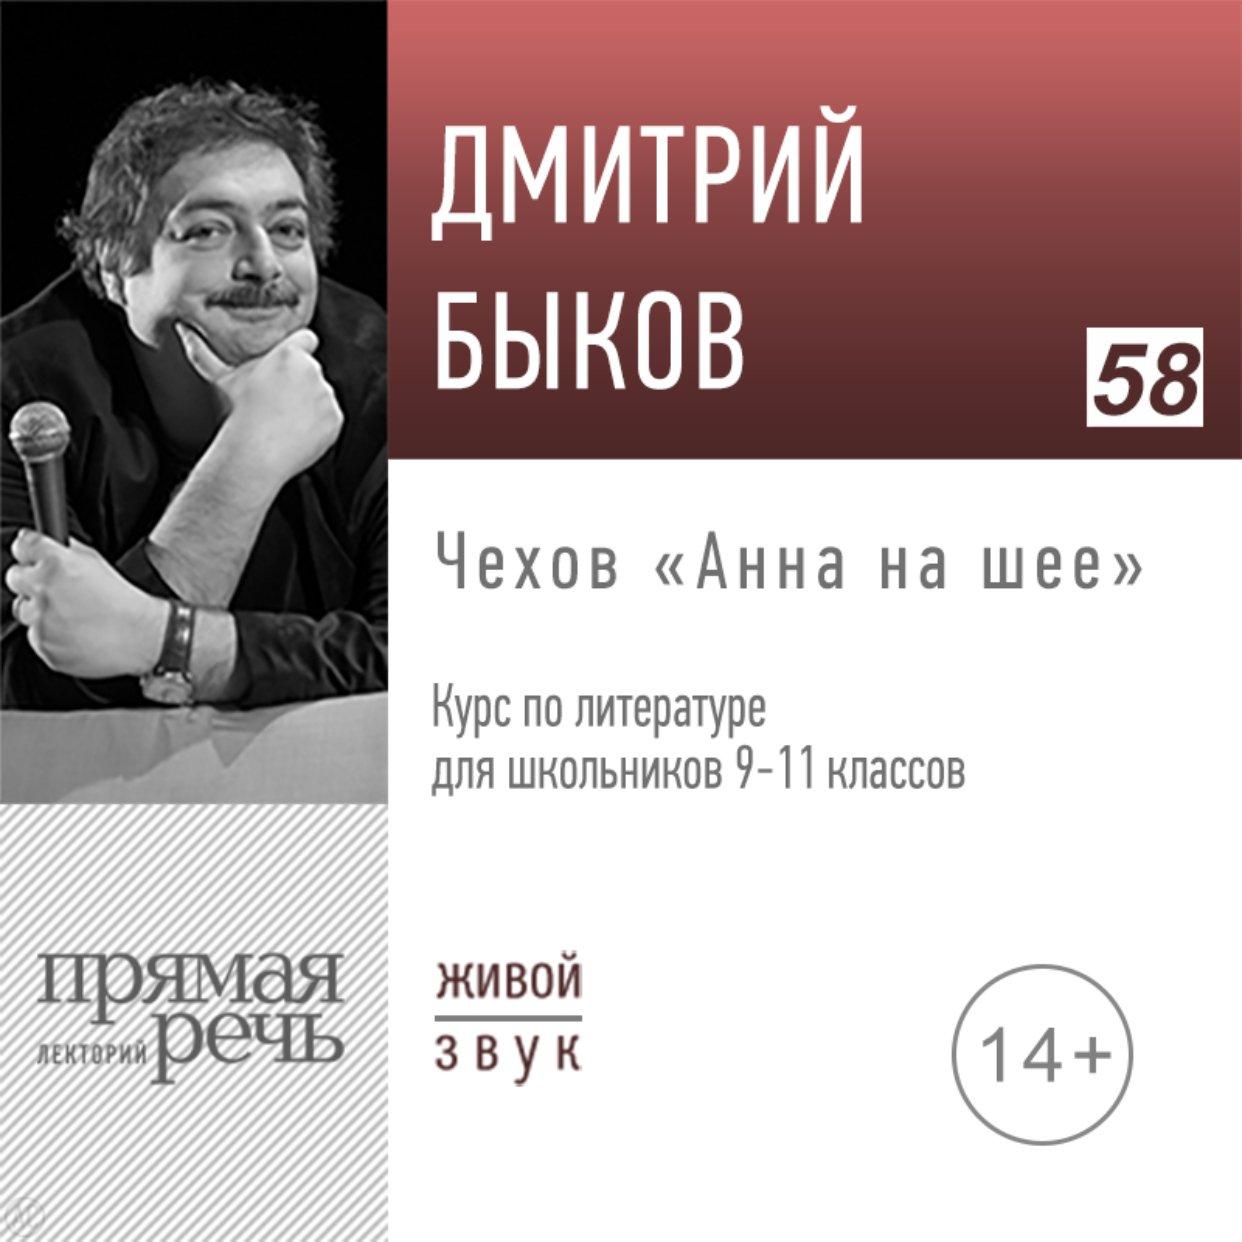 Чехов «Анна на шее». Литература. 9-11 класс